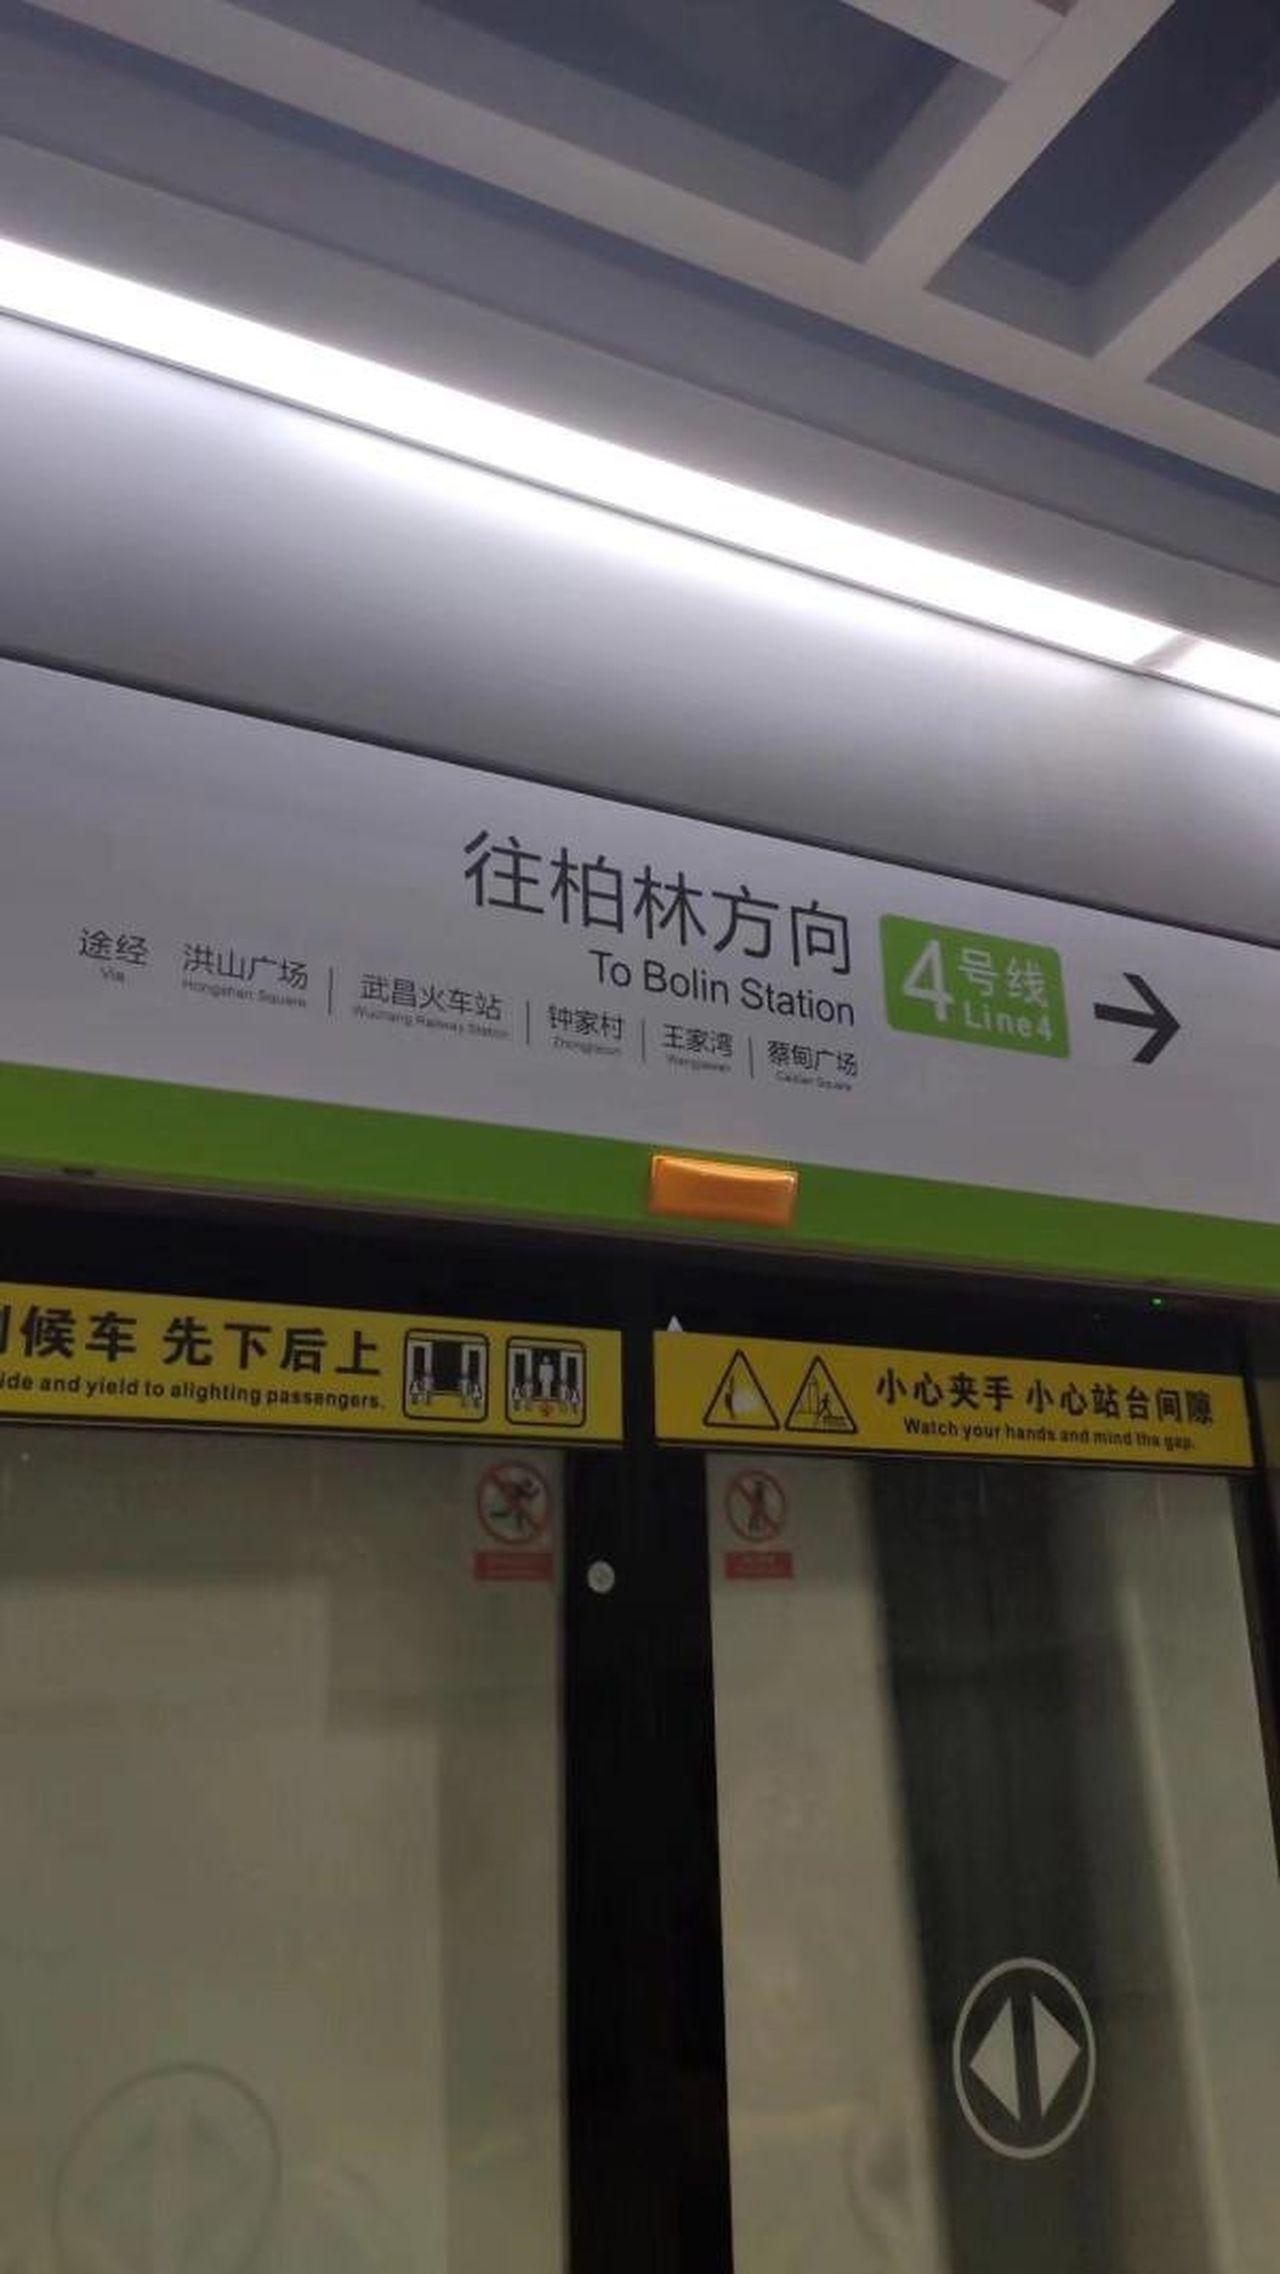 武漢地鐵將開通柏林站 (取材自澎湃新聞)